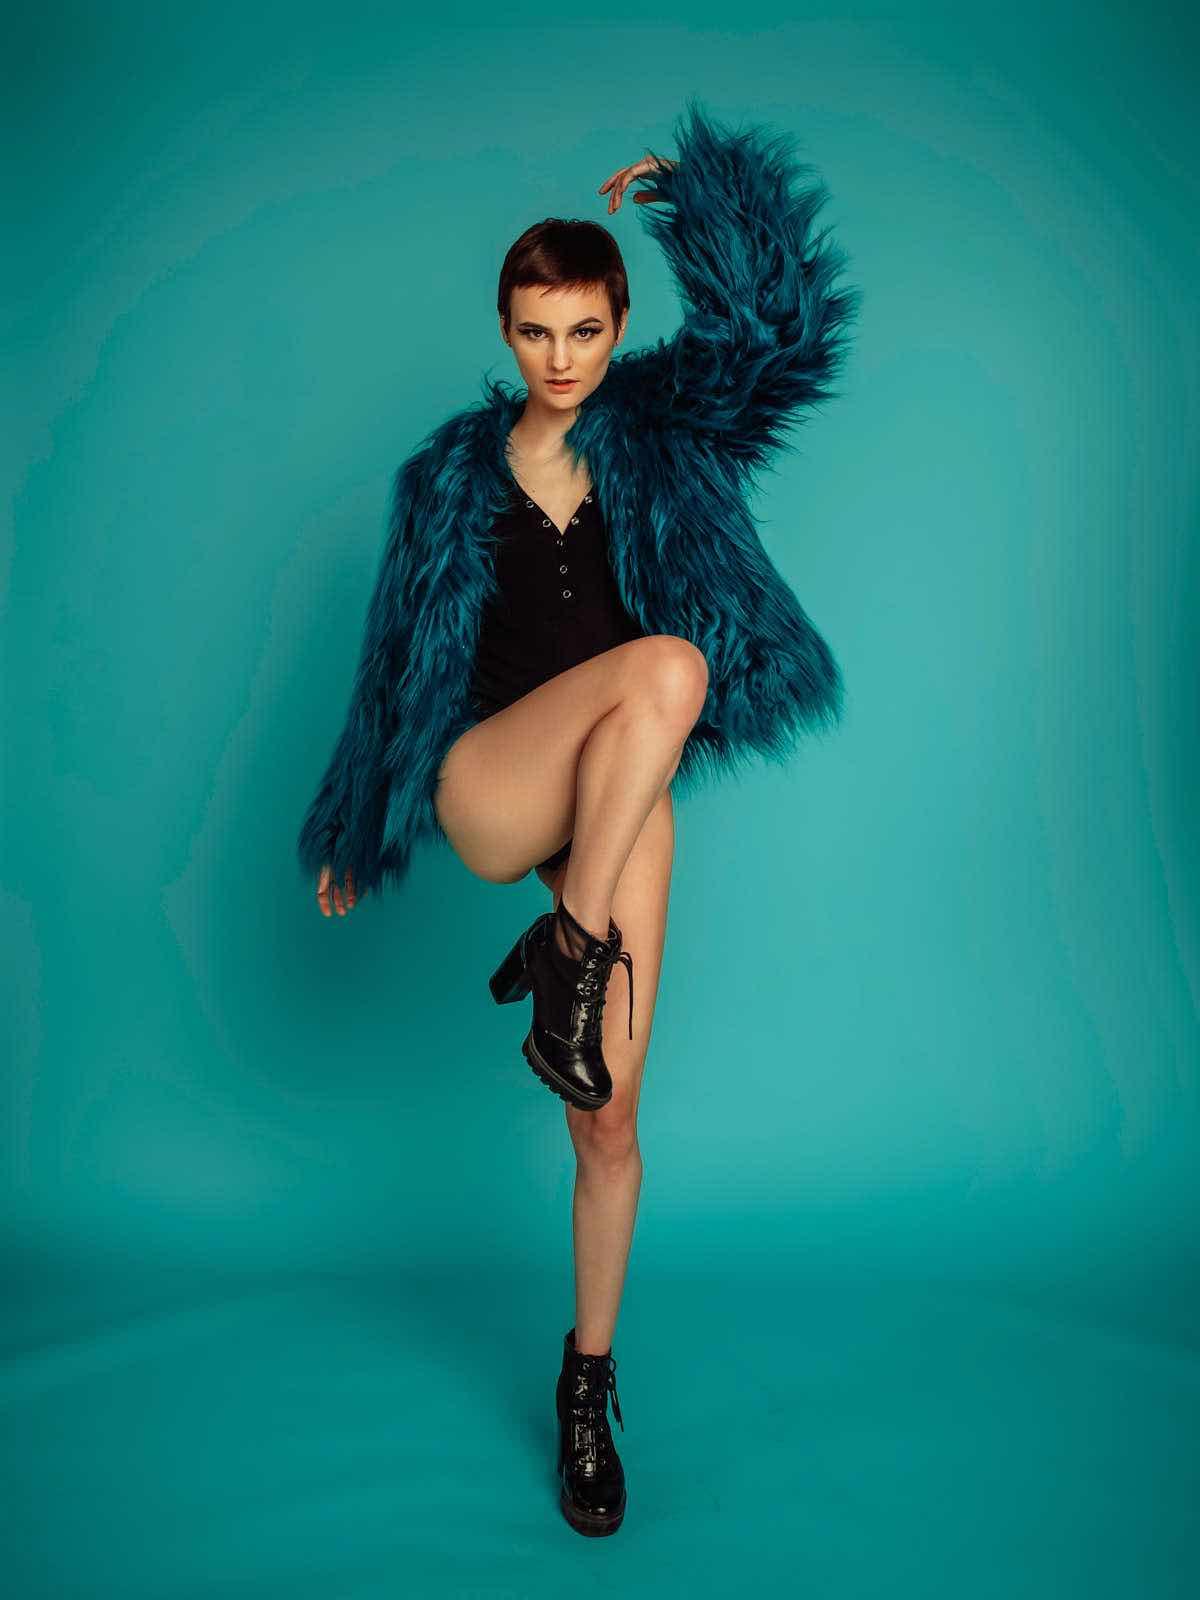 sce-agency-female-model-hunter-g-9aaaa